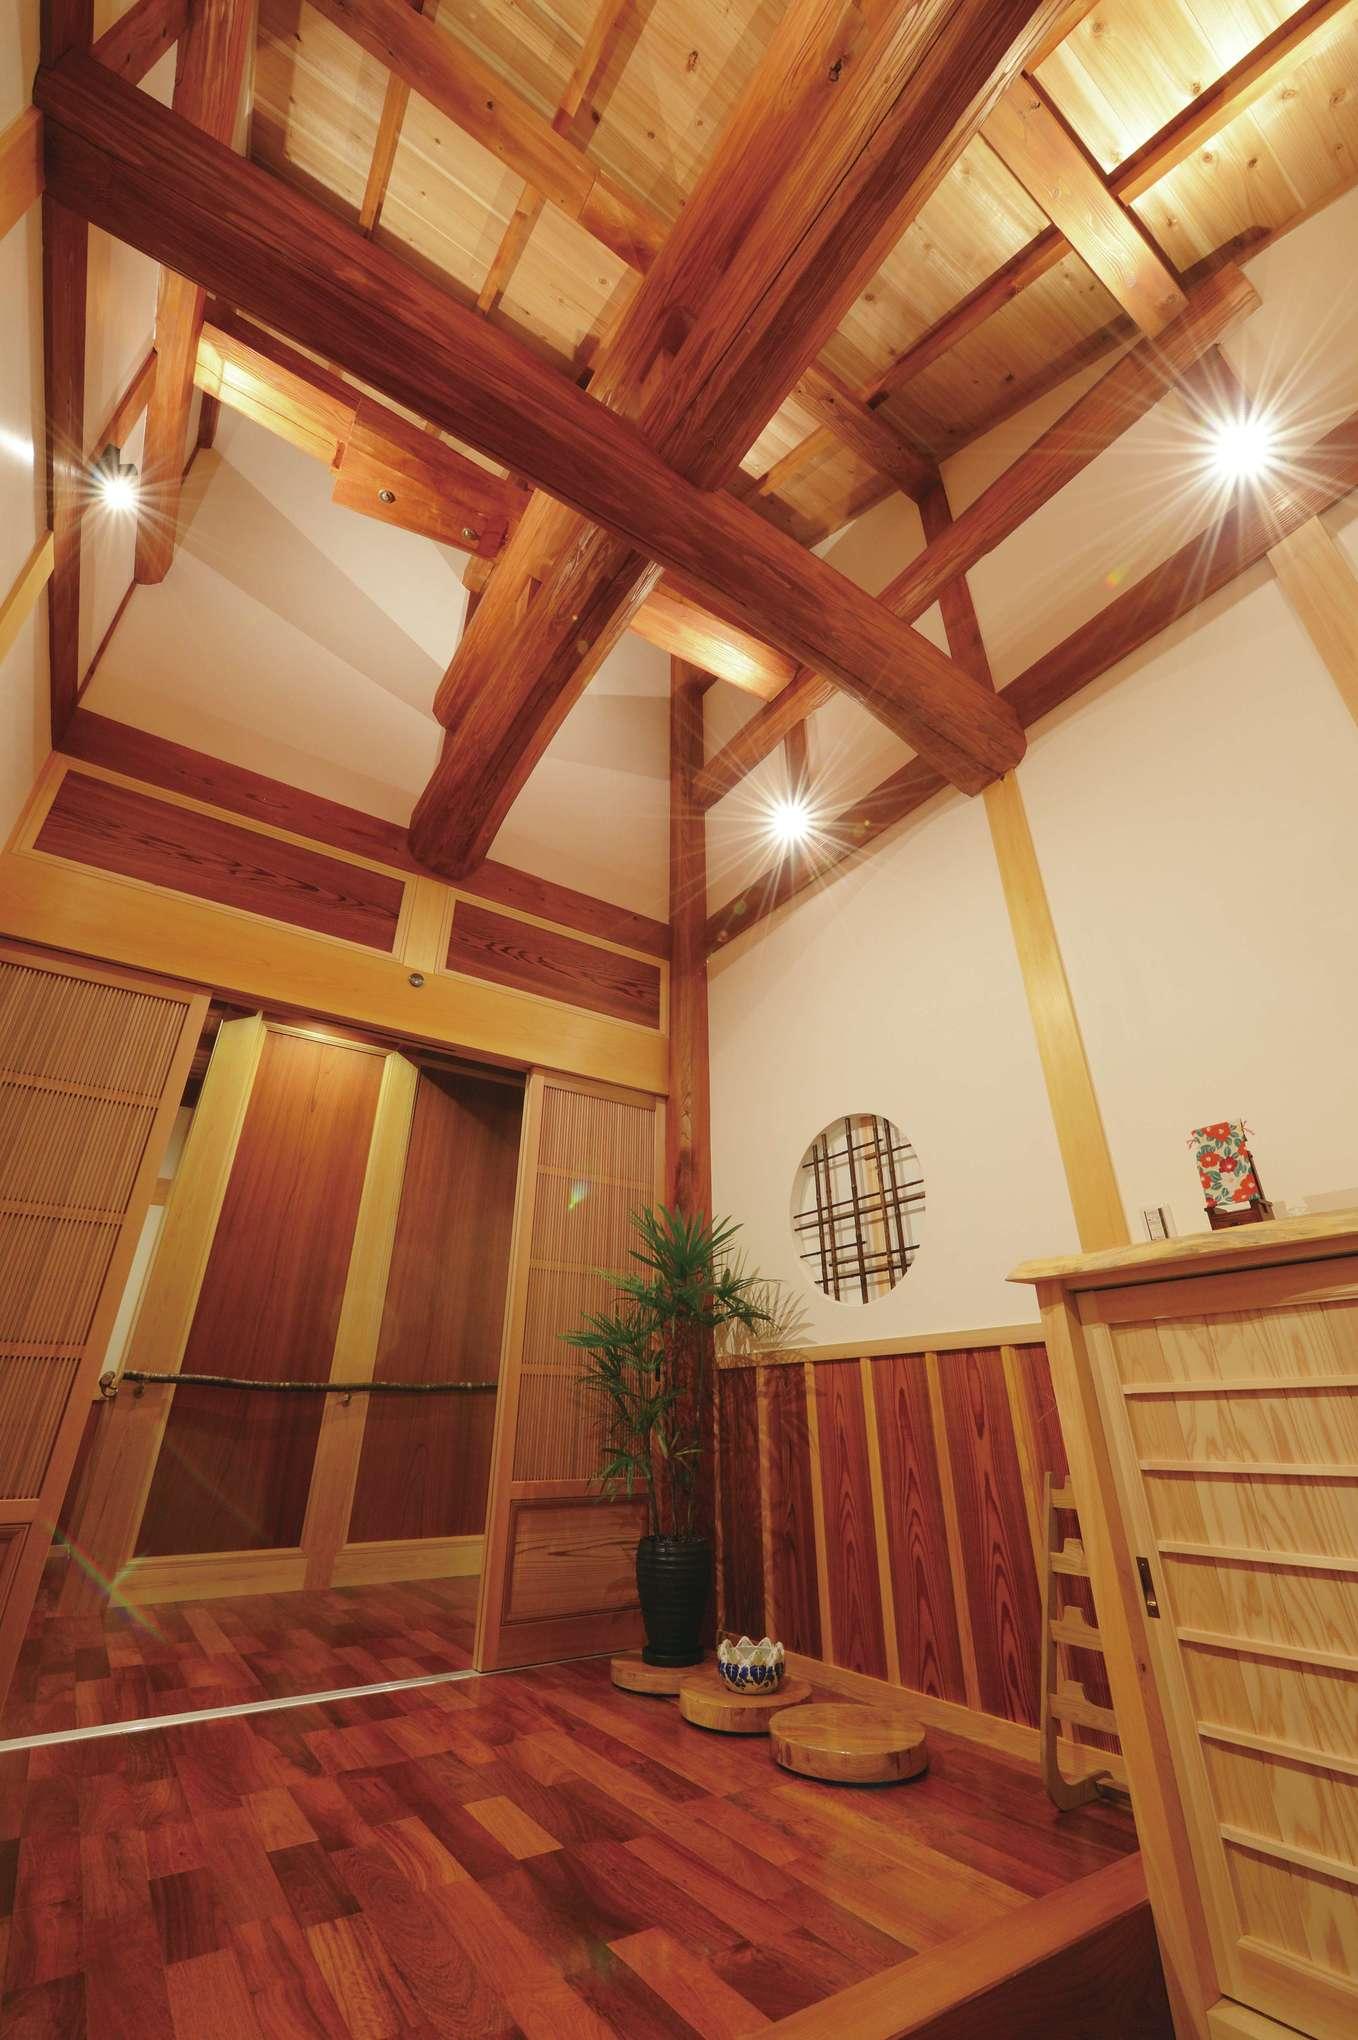 堀田建築【デザイン住宅、自然素材、夫婦で暮らす】民芸旅館のようなしつらえの玄関